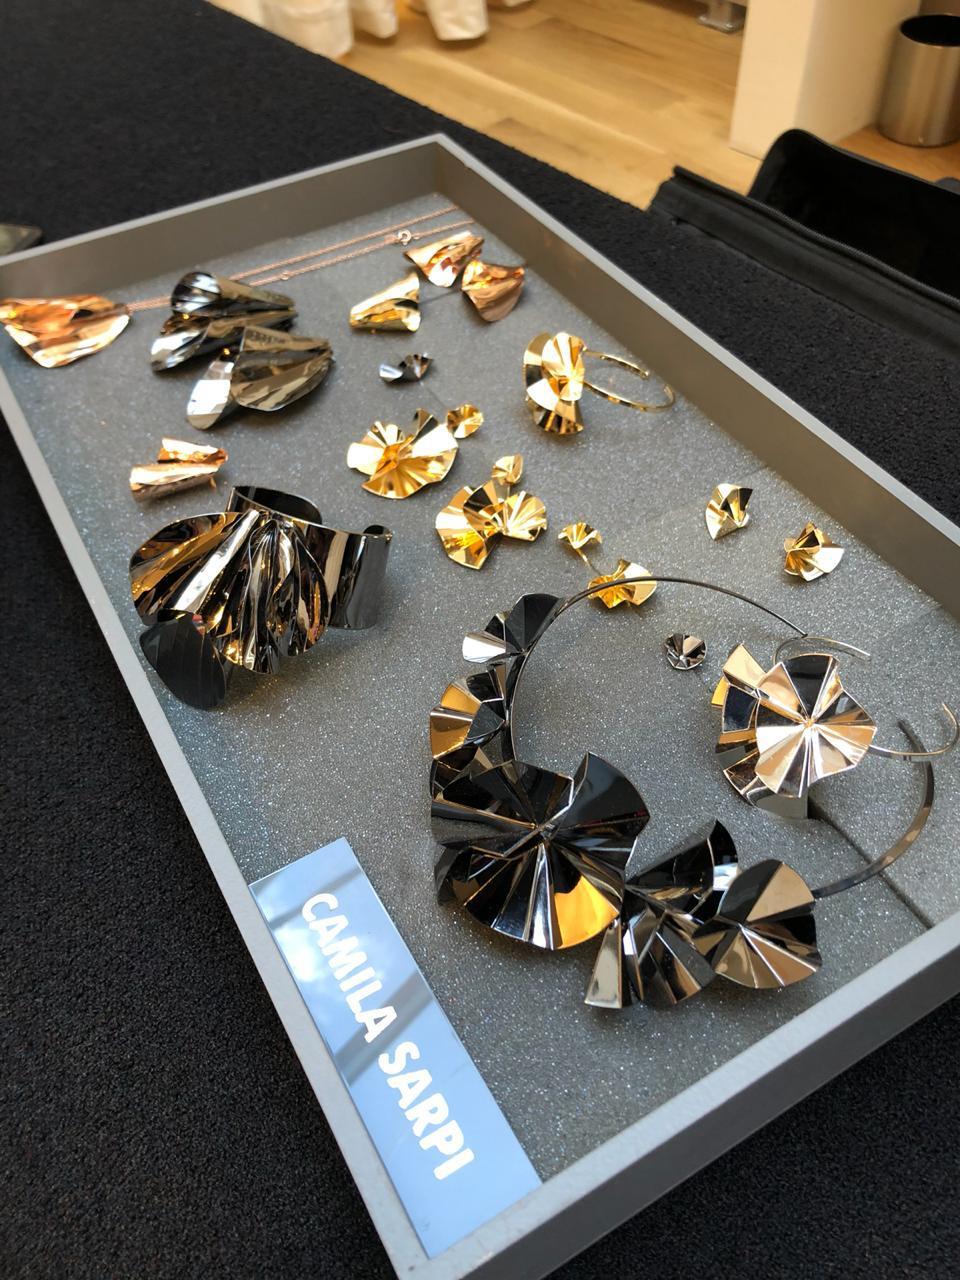 julls lolla joias camila sarpi - O caso incompatível de querer consumir joias.